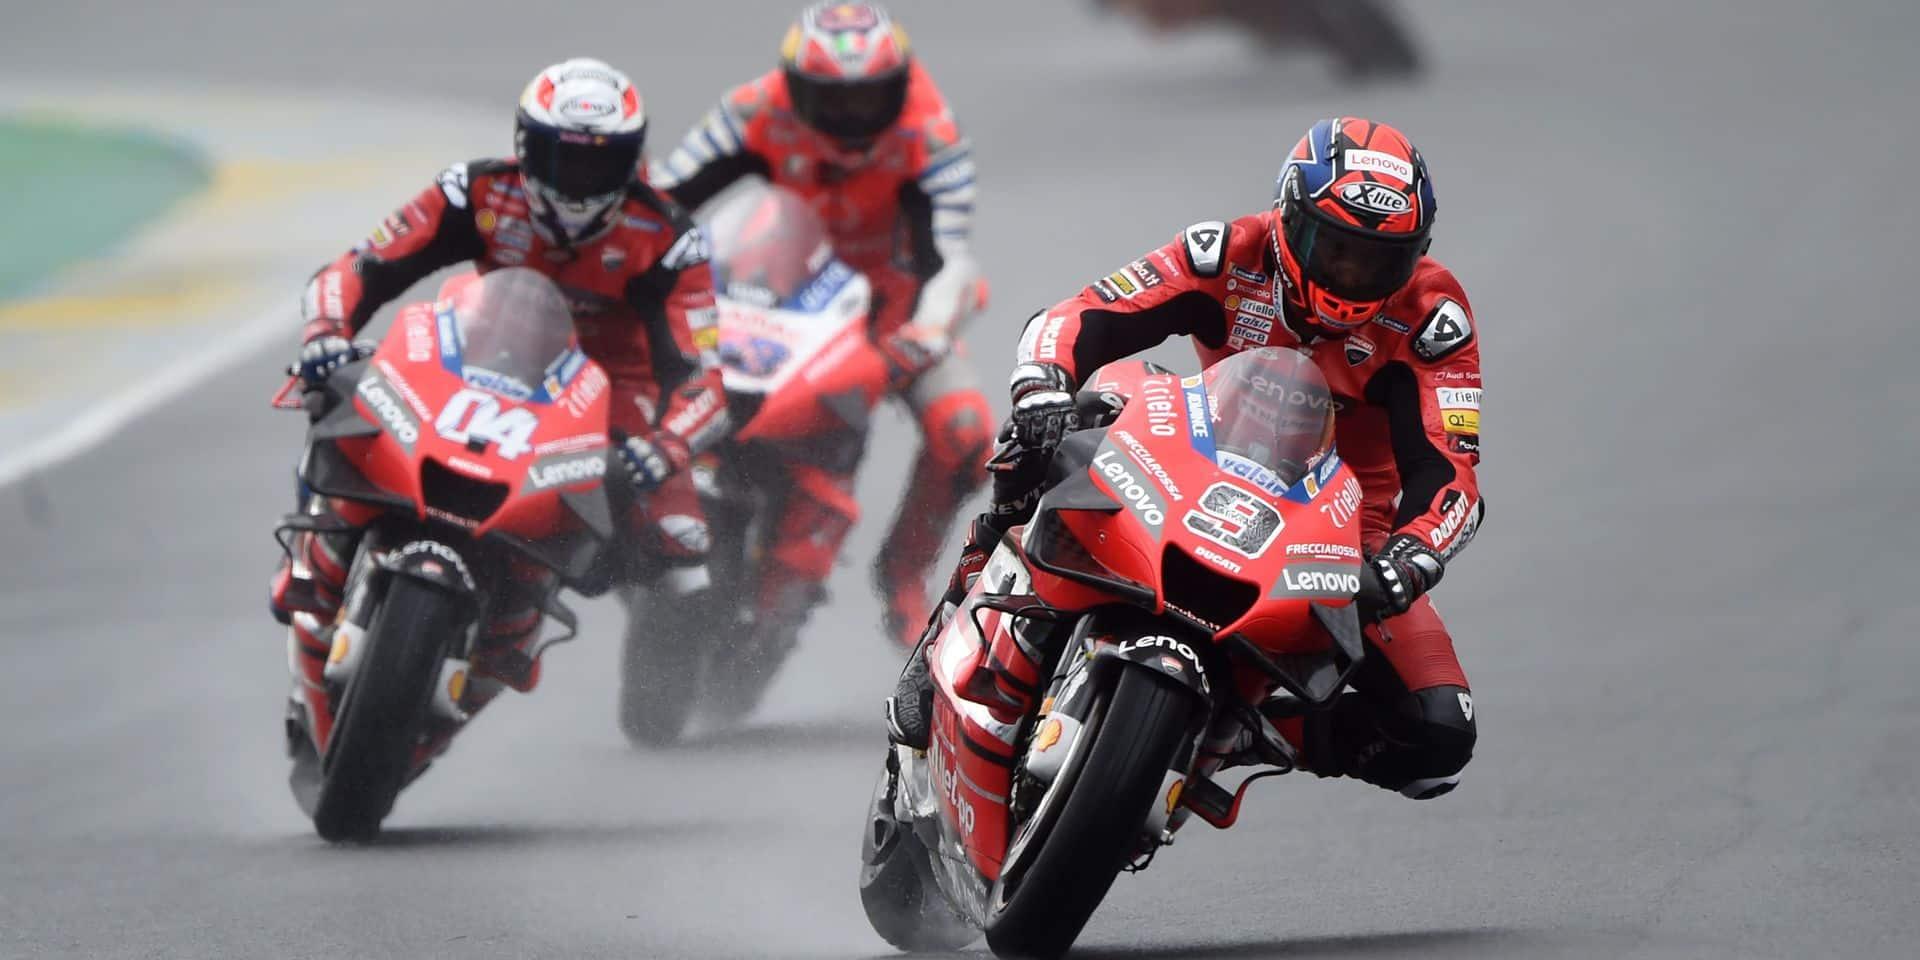 MotoGP: une deuxième victoire pour Petrucci et une superbe performance (déjà) d'Alex Marquez